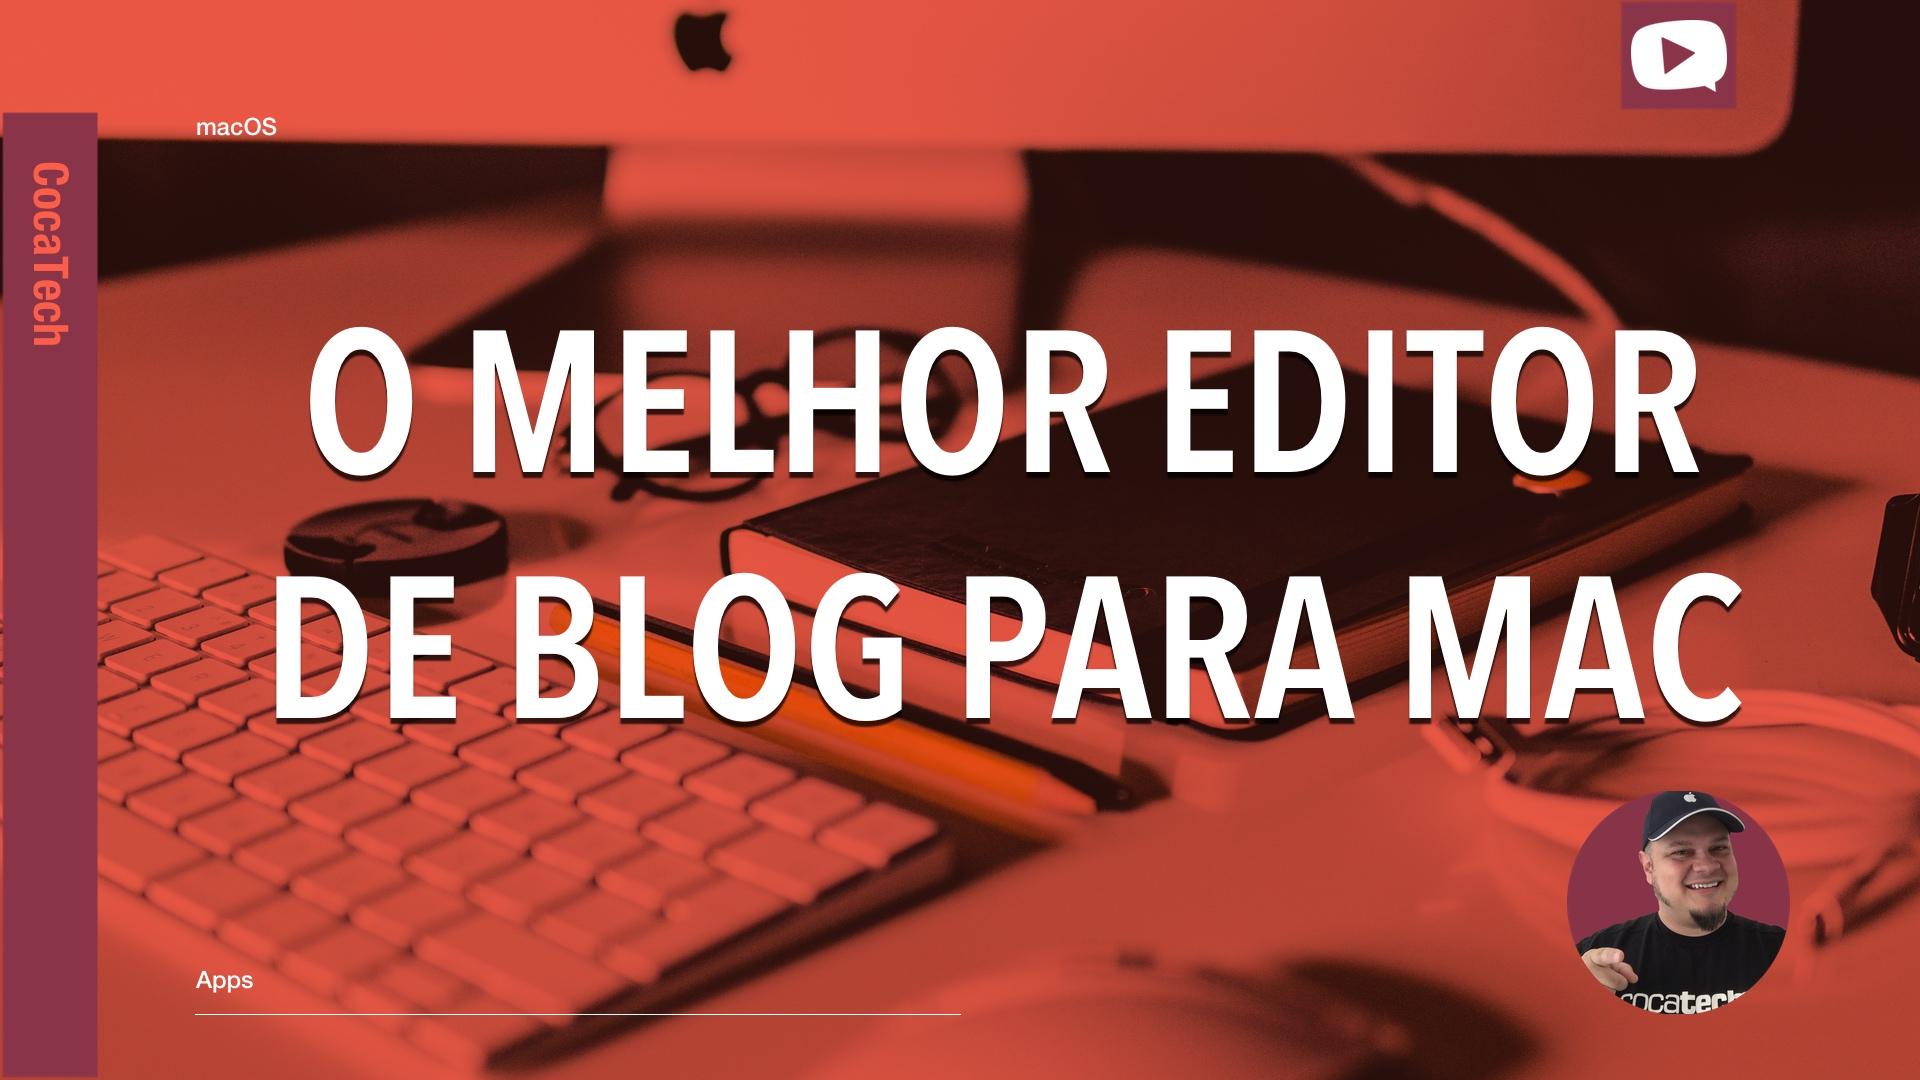 Photo of O Melhor Editor de Blog para Mac – 19/03